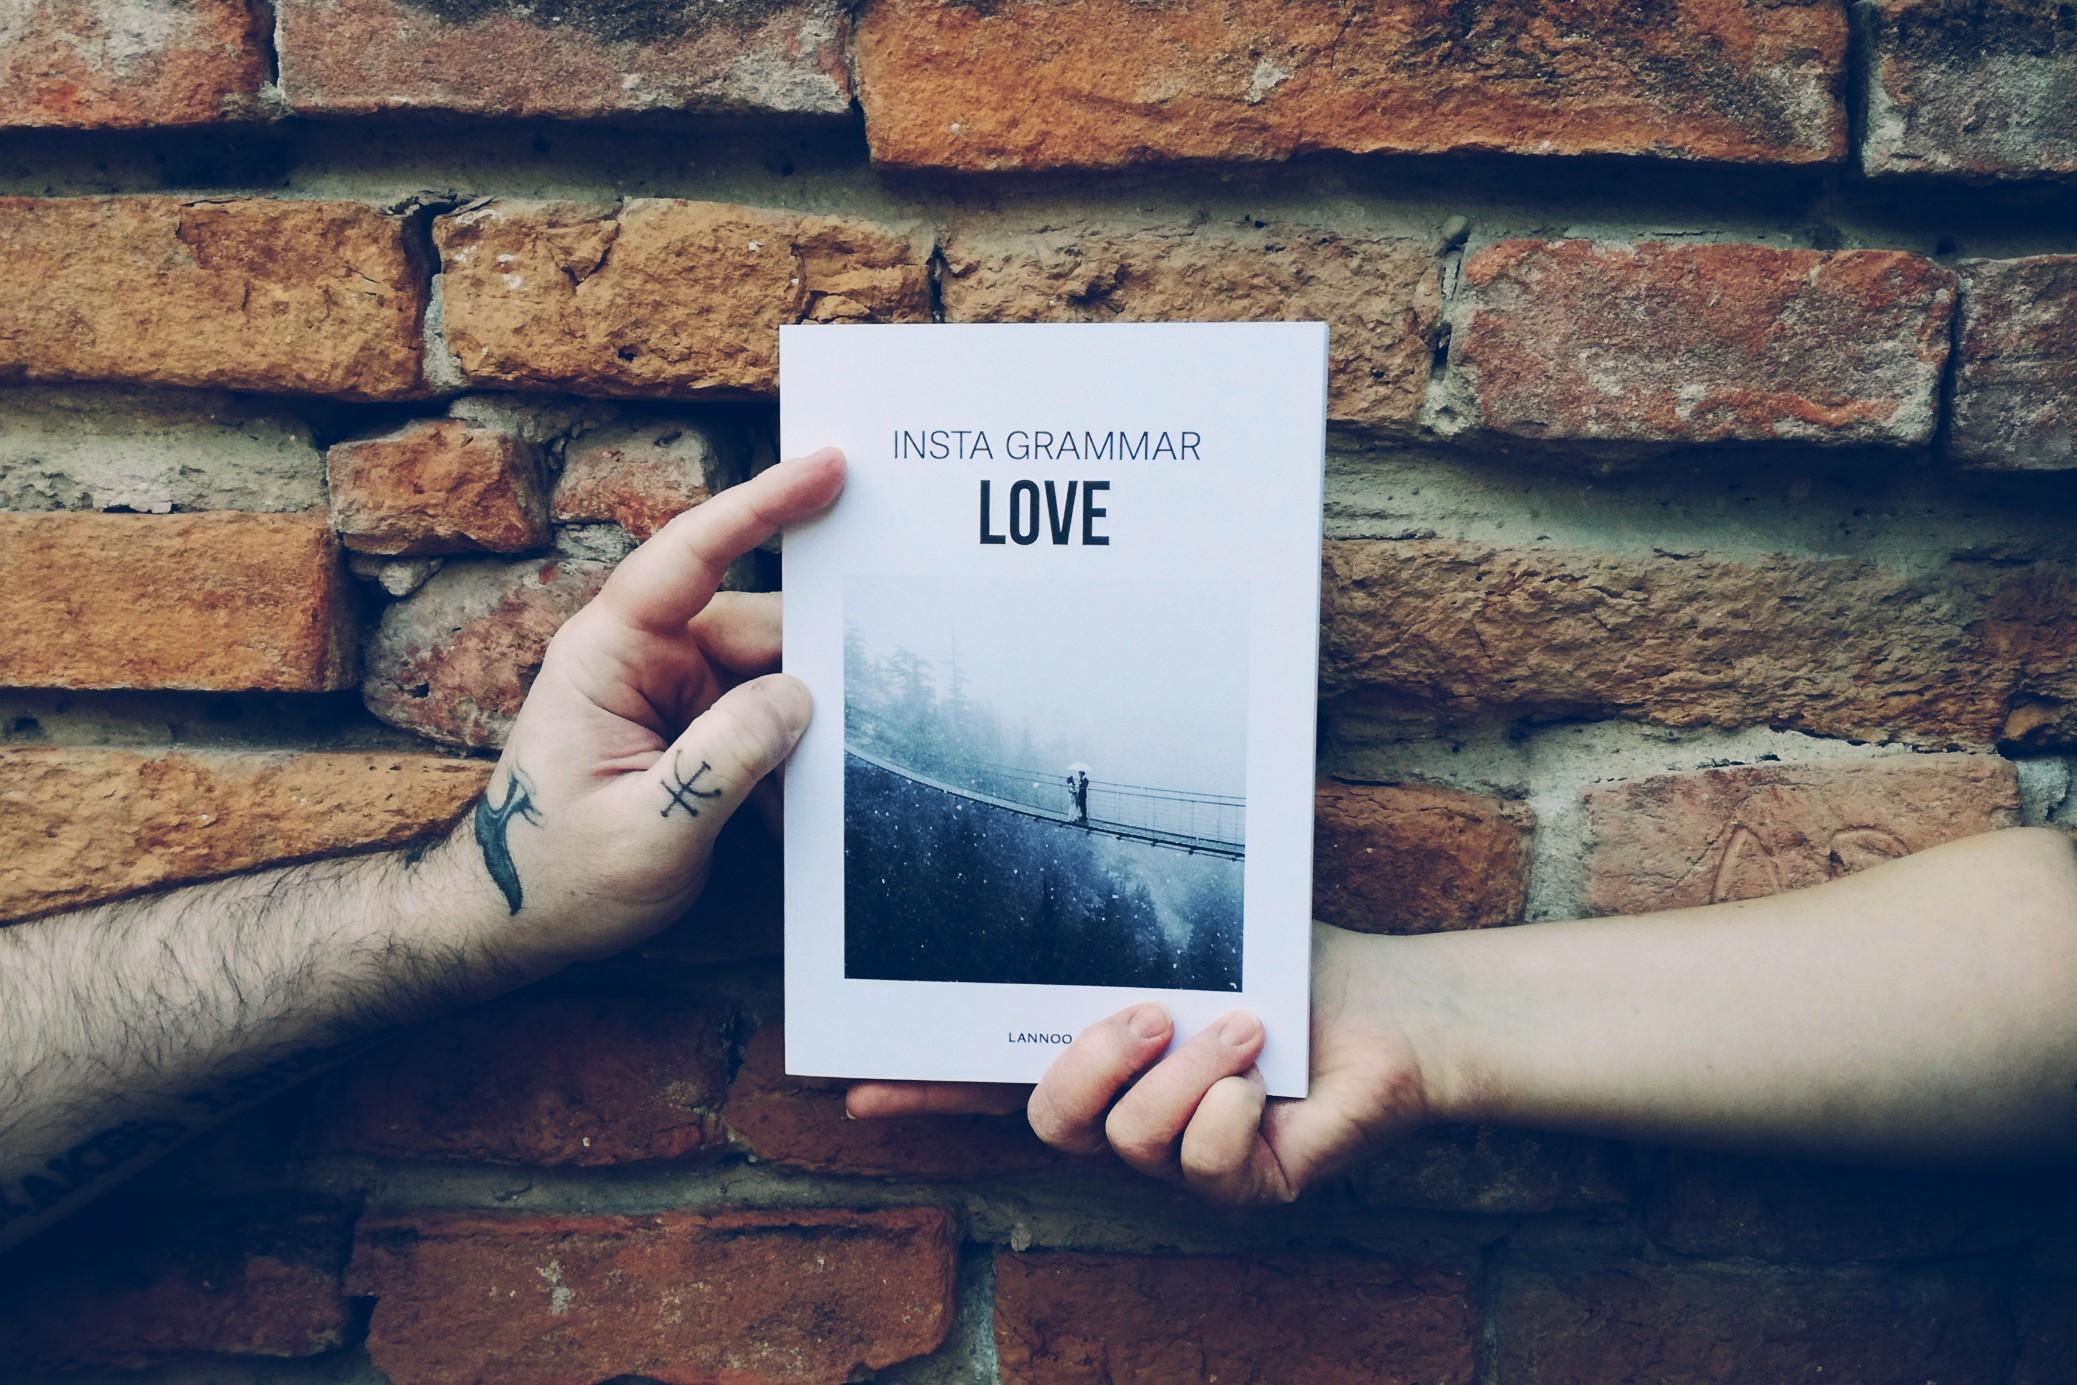 pubblicazione | fotografia | libro | Instagram | insta grammar love | Lannoo publishers | love